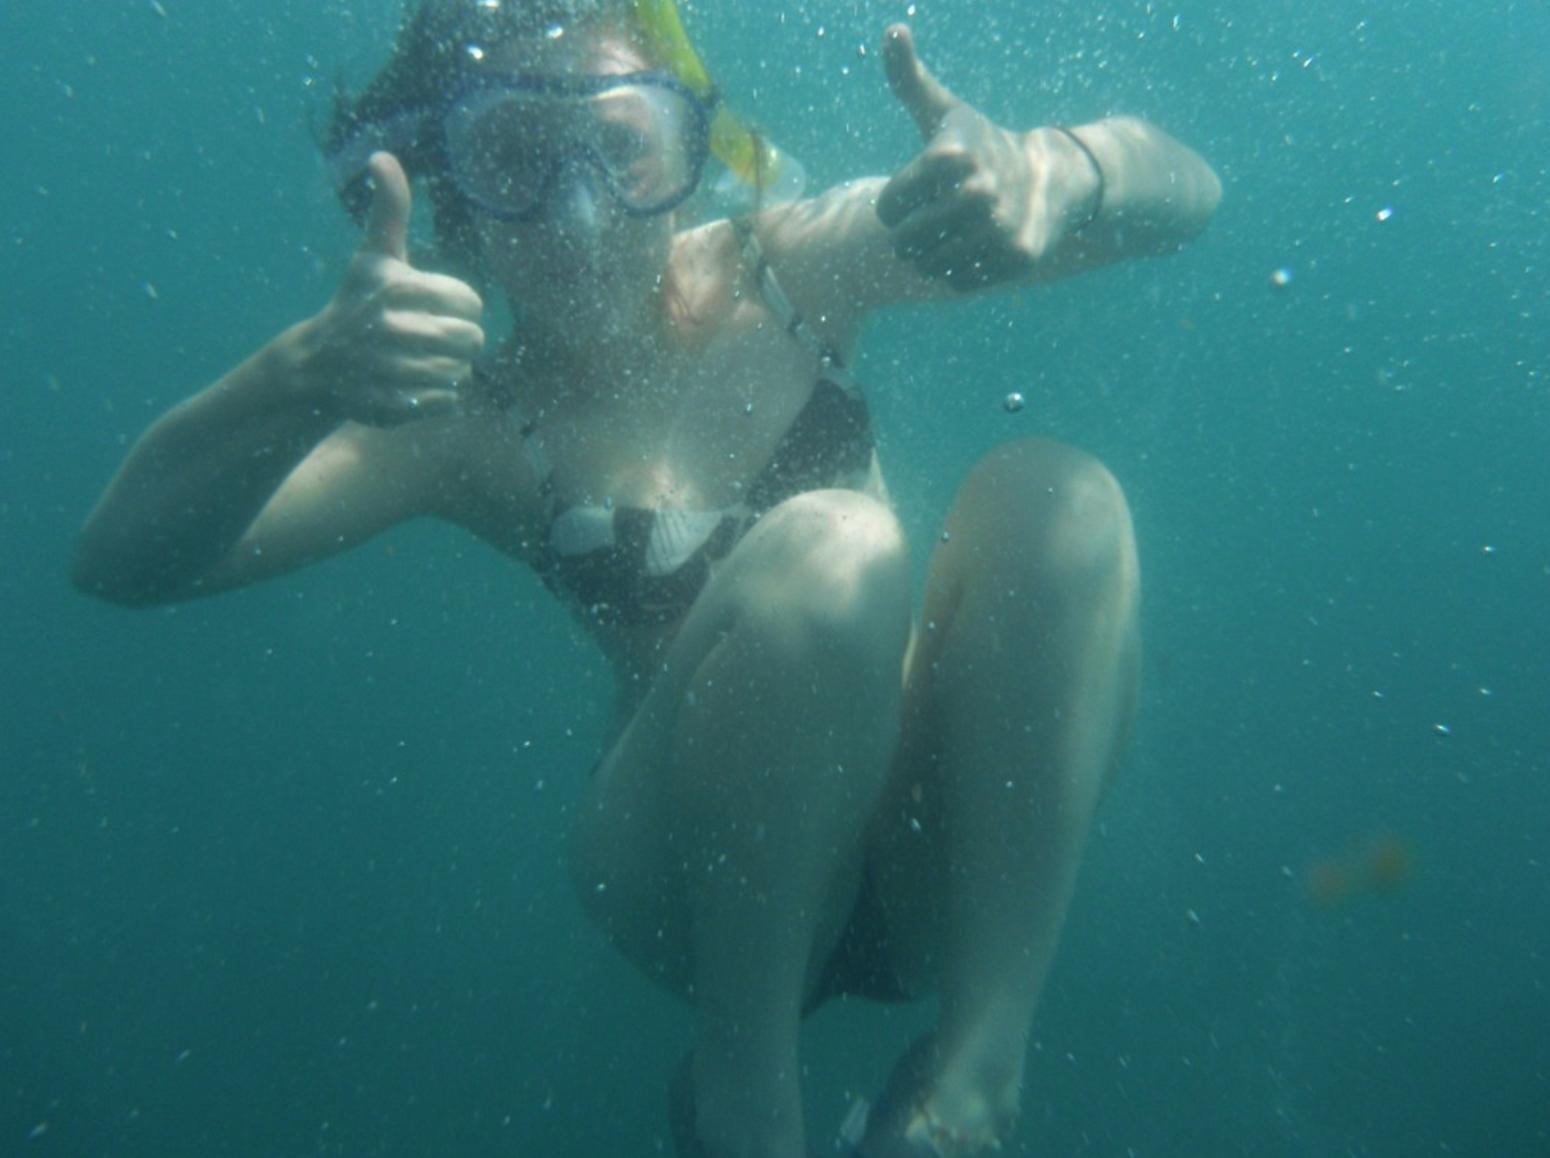 Snorkeling in the Arabian Sea